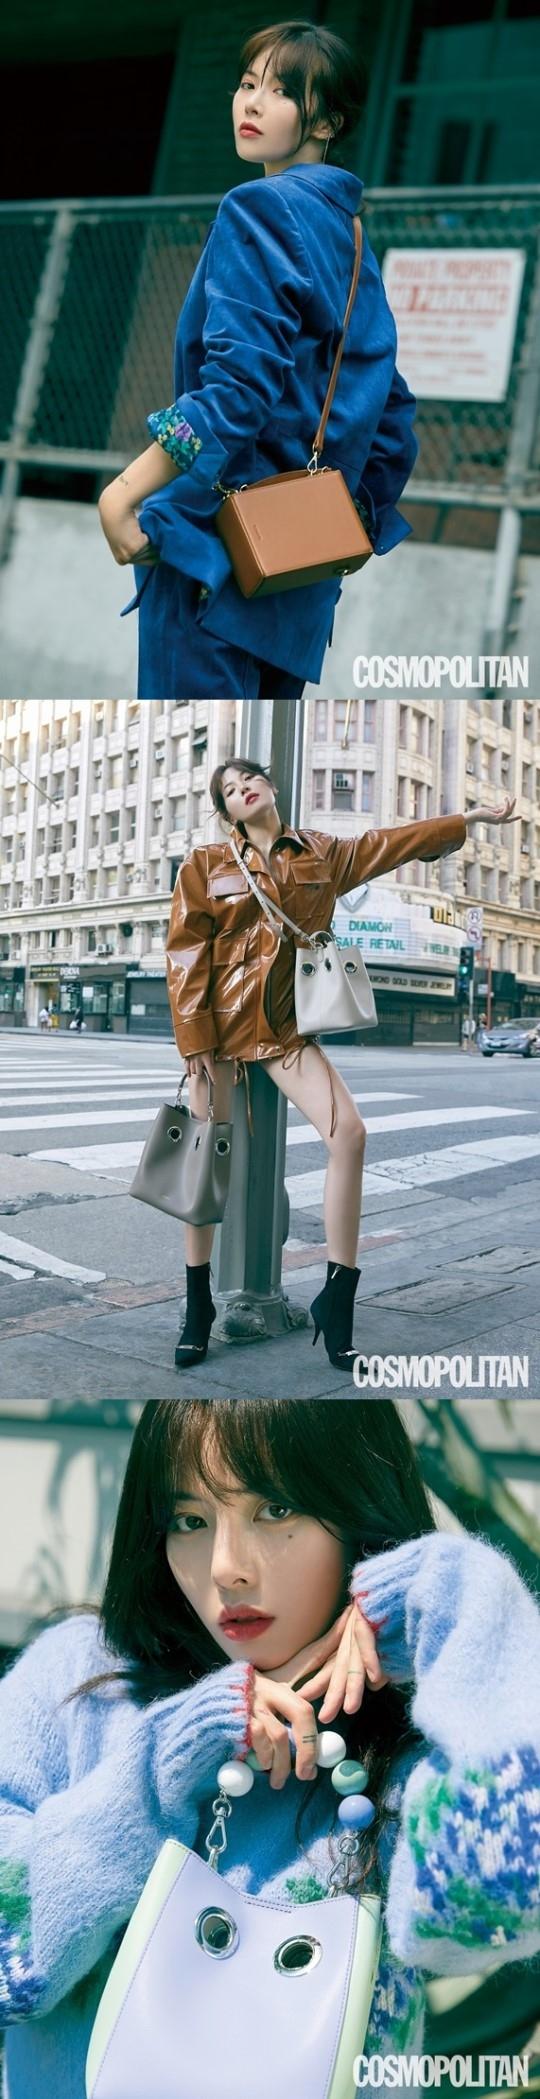 金泫雅:时尚是展现自己新面貌的表现方式